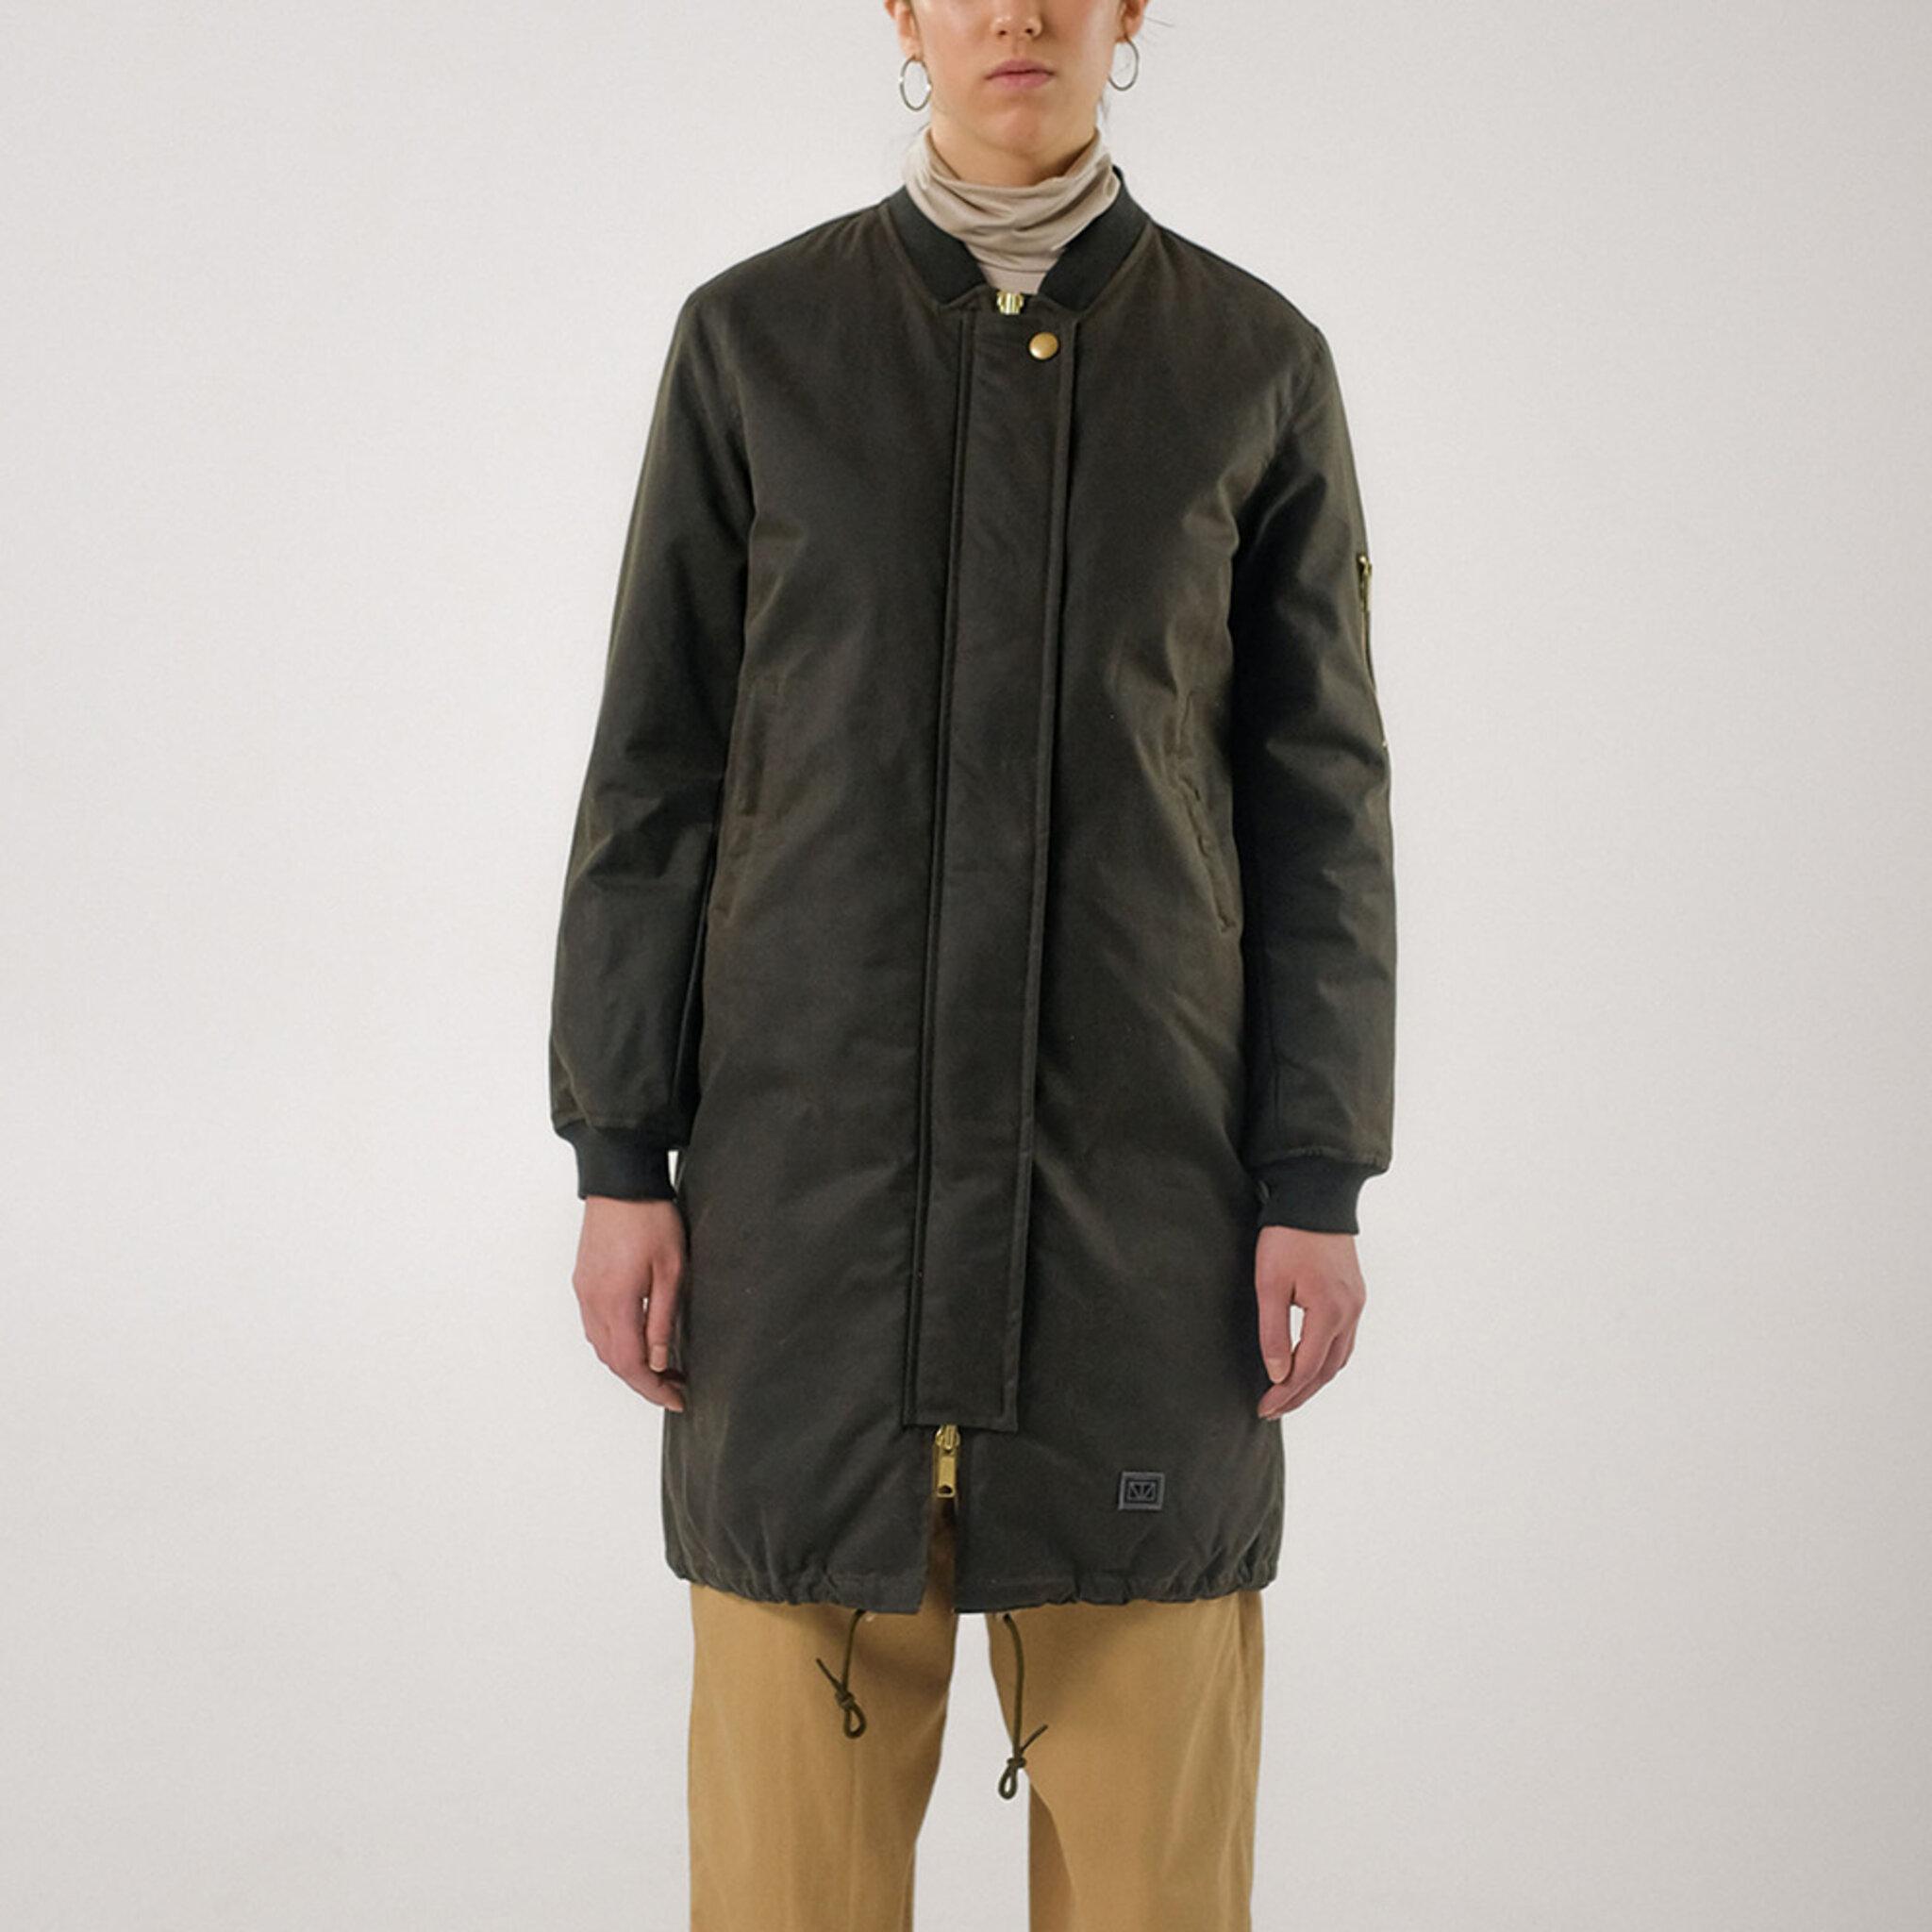 Jacket E.M Bomber